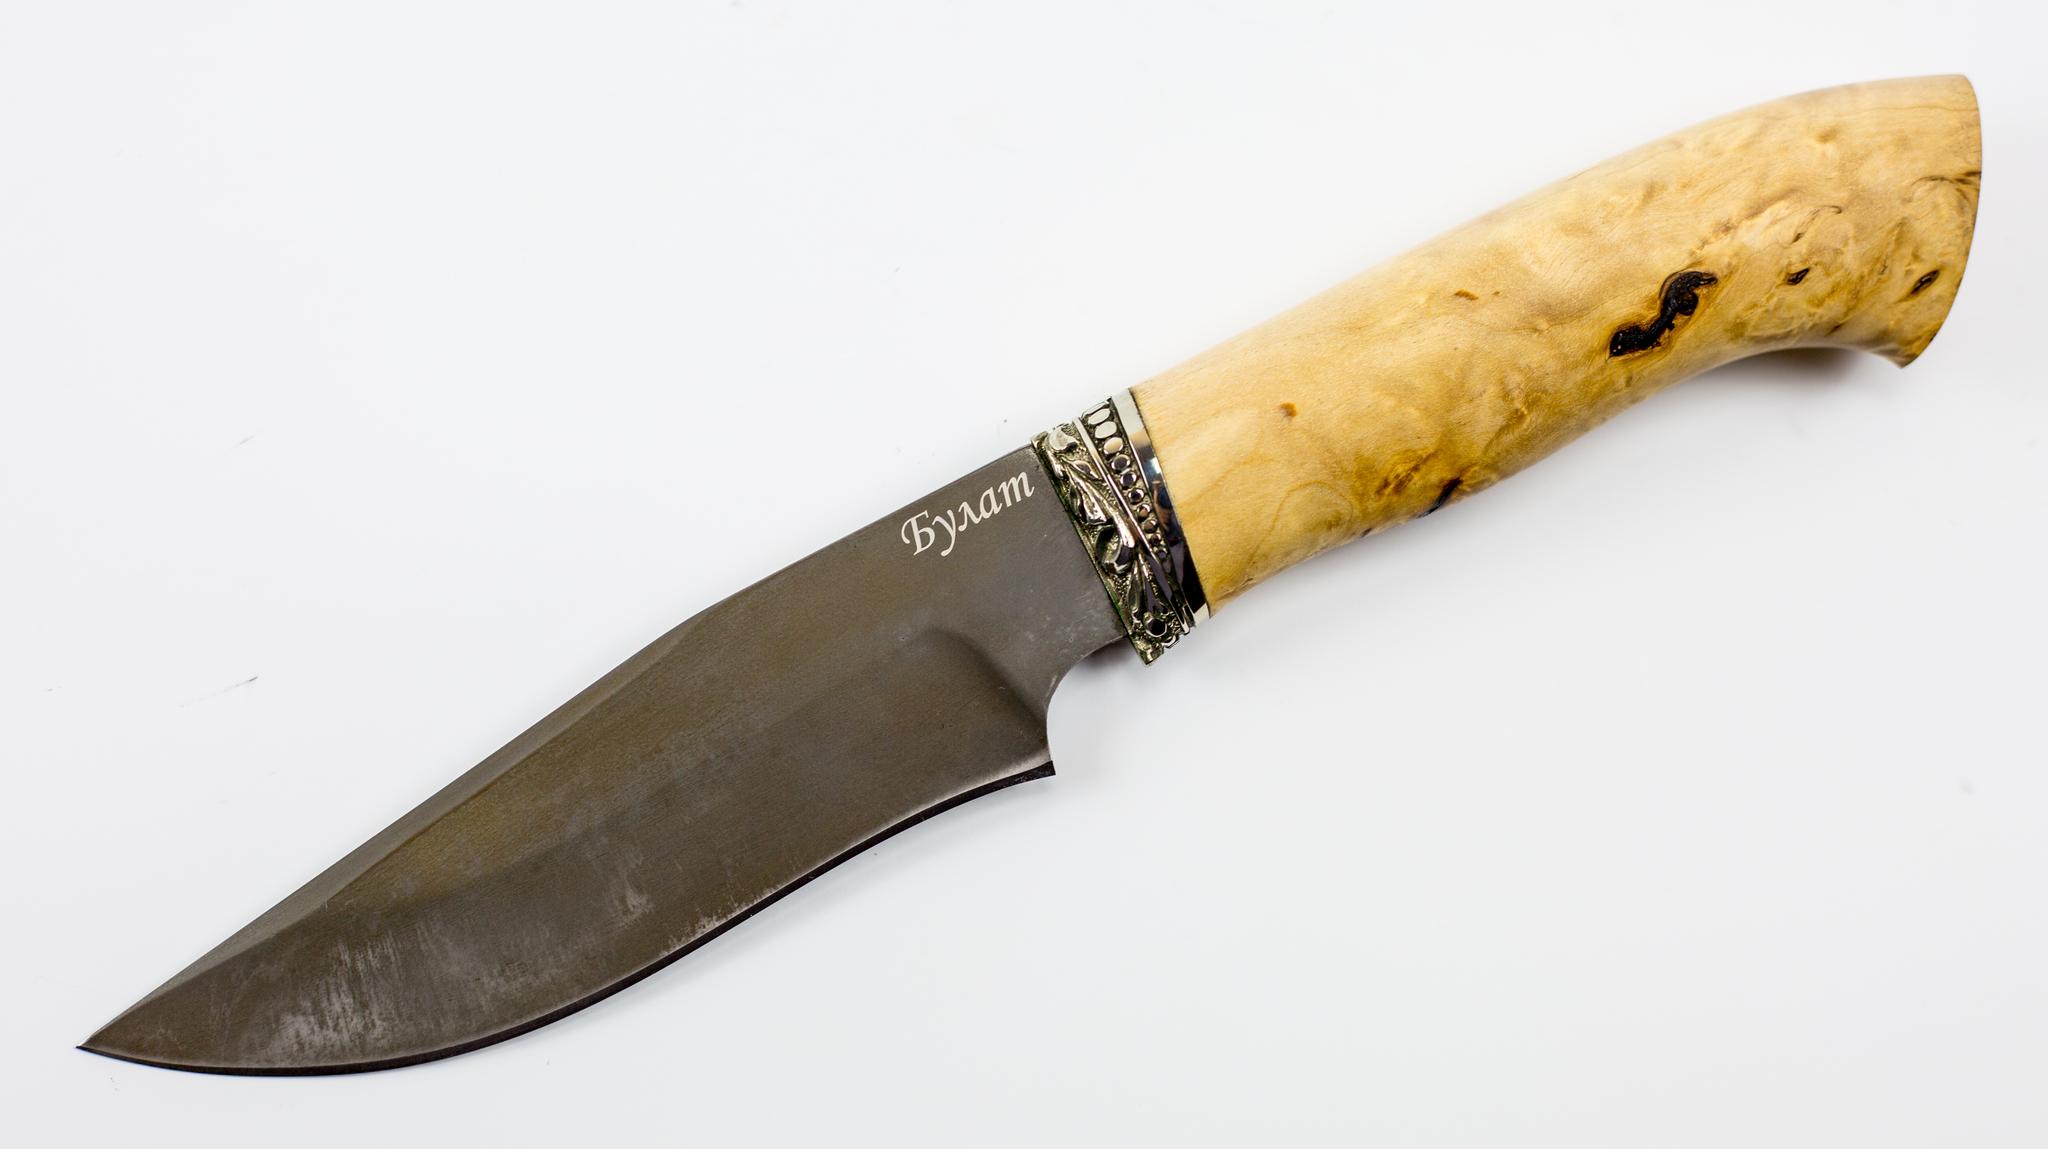 Нож Универсальный булат, карельская березаНожи Ворсма<br>Модель: УниверсальныйСталь клинка: БулатМатериал гарды: МельхиорМатериал рукояти: Карельская березаТвердость клинка (HRC): 64Общая длина (мм): 265Длина клинка (мм): 140Длина рукояти (мм): 125Ширина клинка (мм): 38Толщина рукояти (мм): 23Толщина обуха (мм): 3,5-4<br>